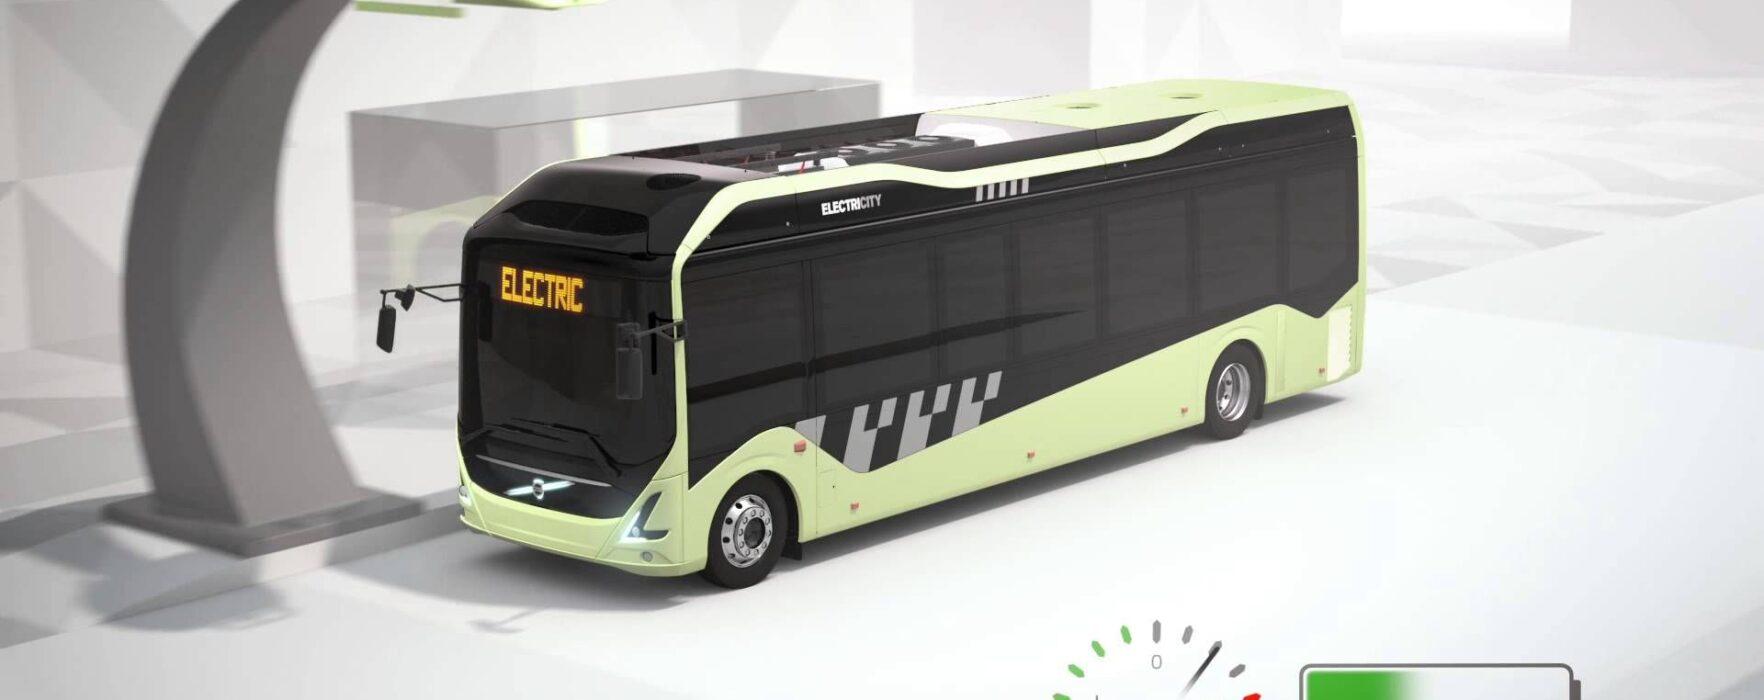 Primăria Târgovişte vrea să introducă autobuze electrice pentru transportul public în comun